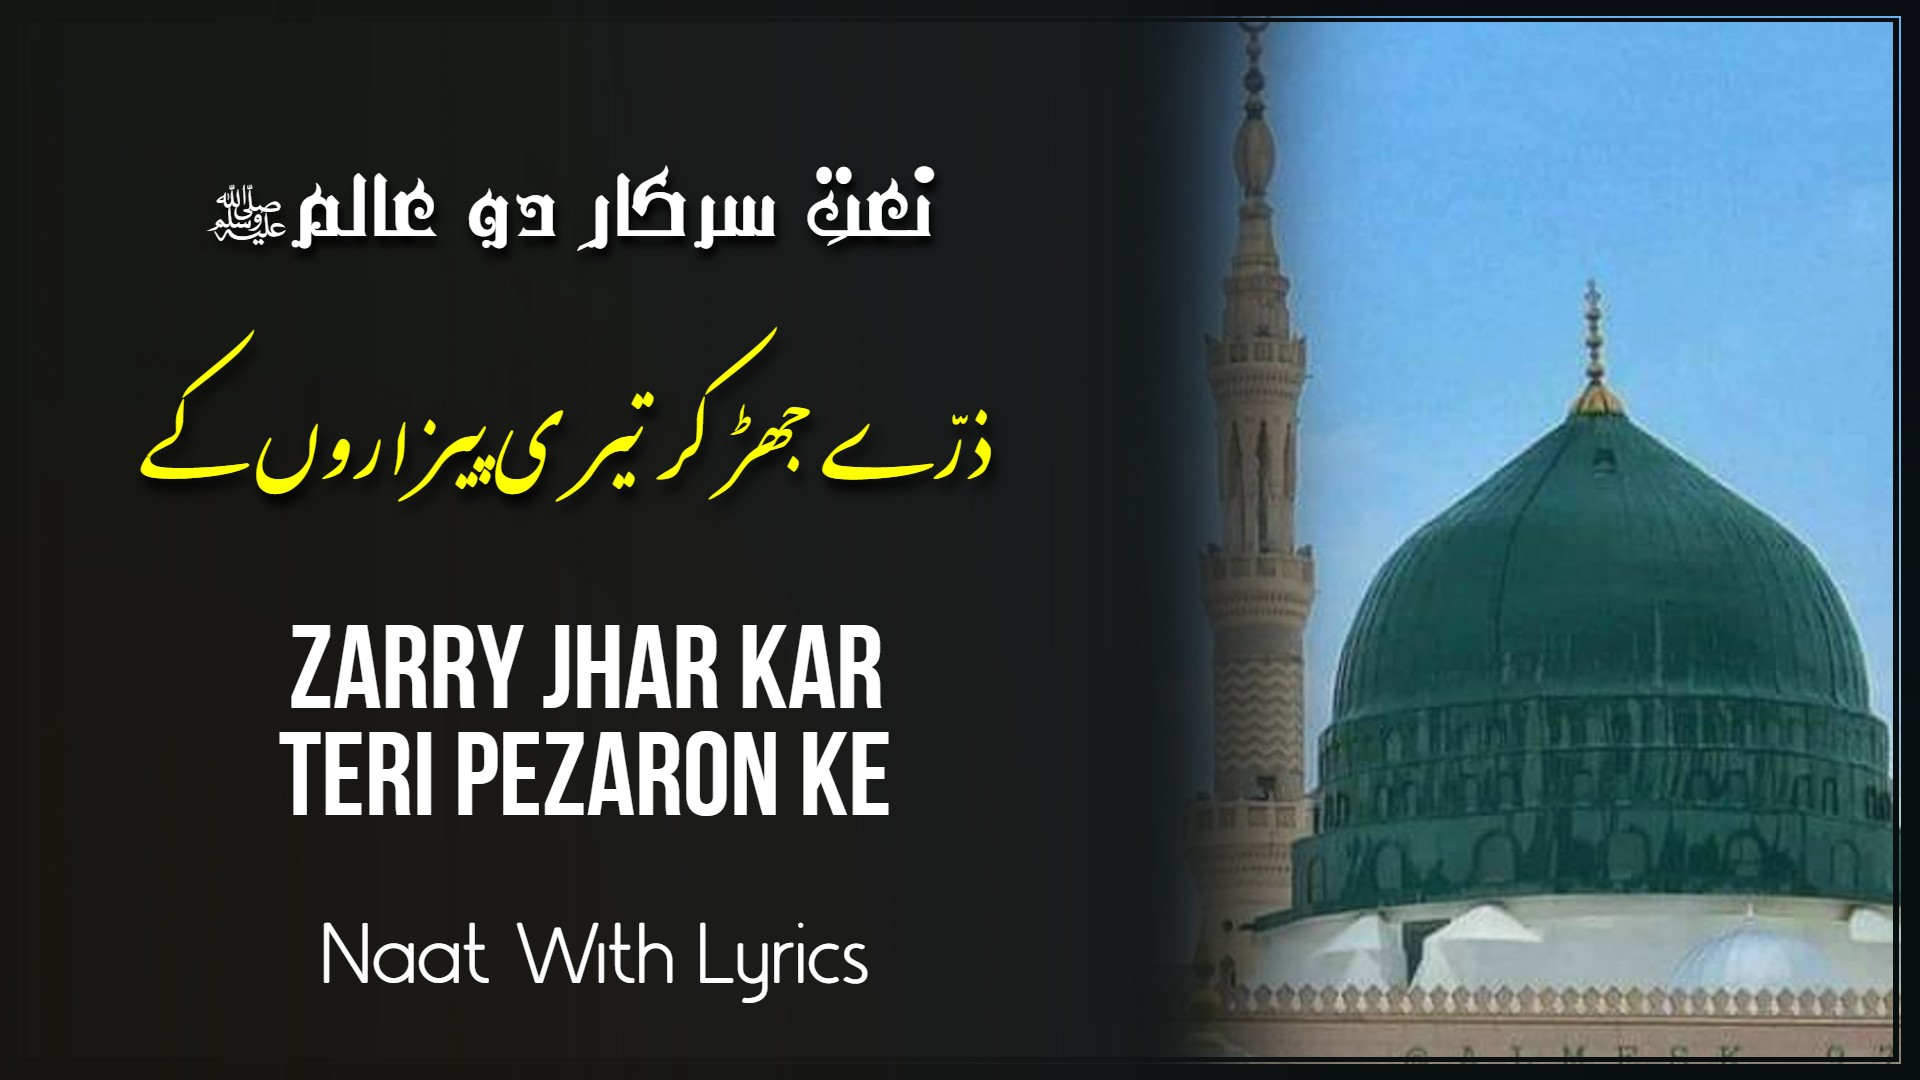 Zarry Jhar Kar Teri Pezaron Ke Ala-Hazrat Naat Lyrics